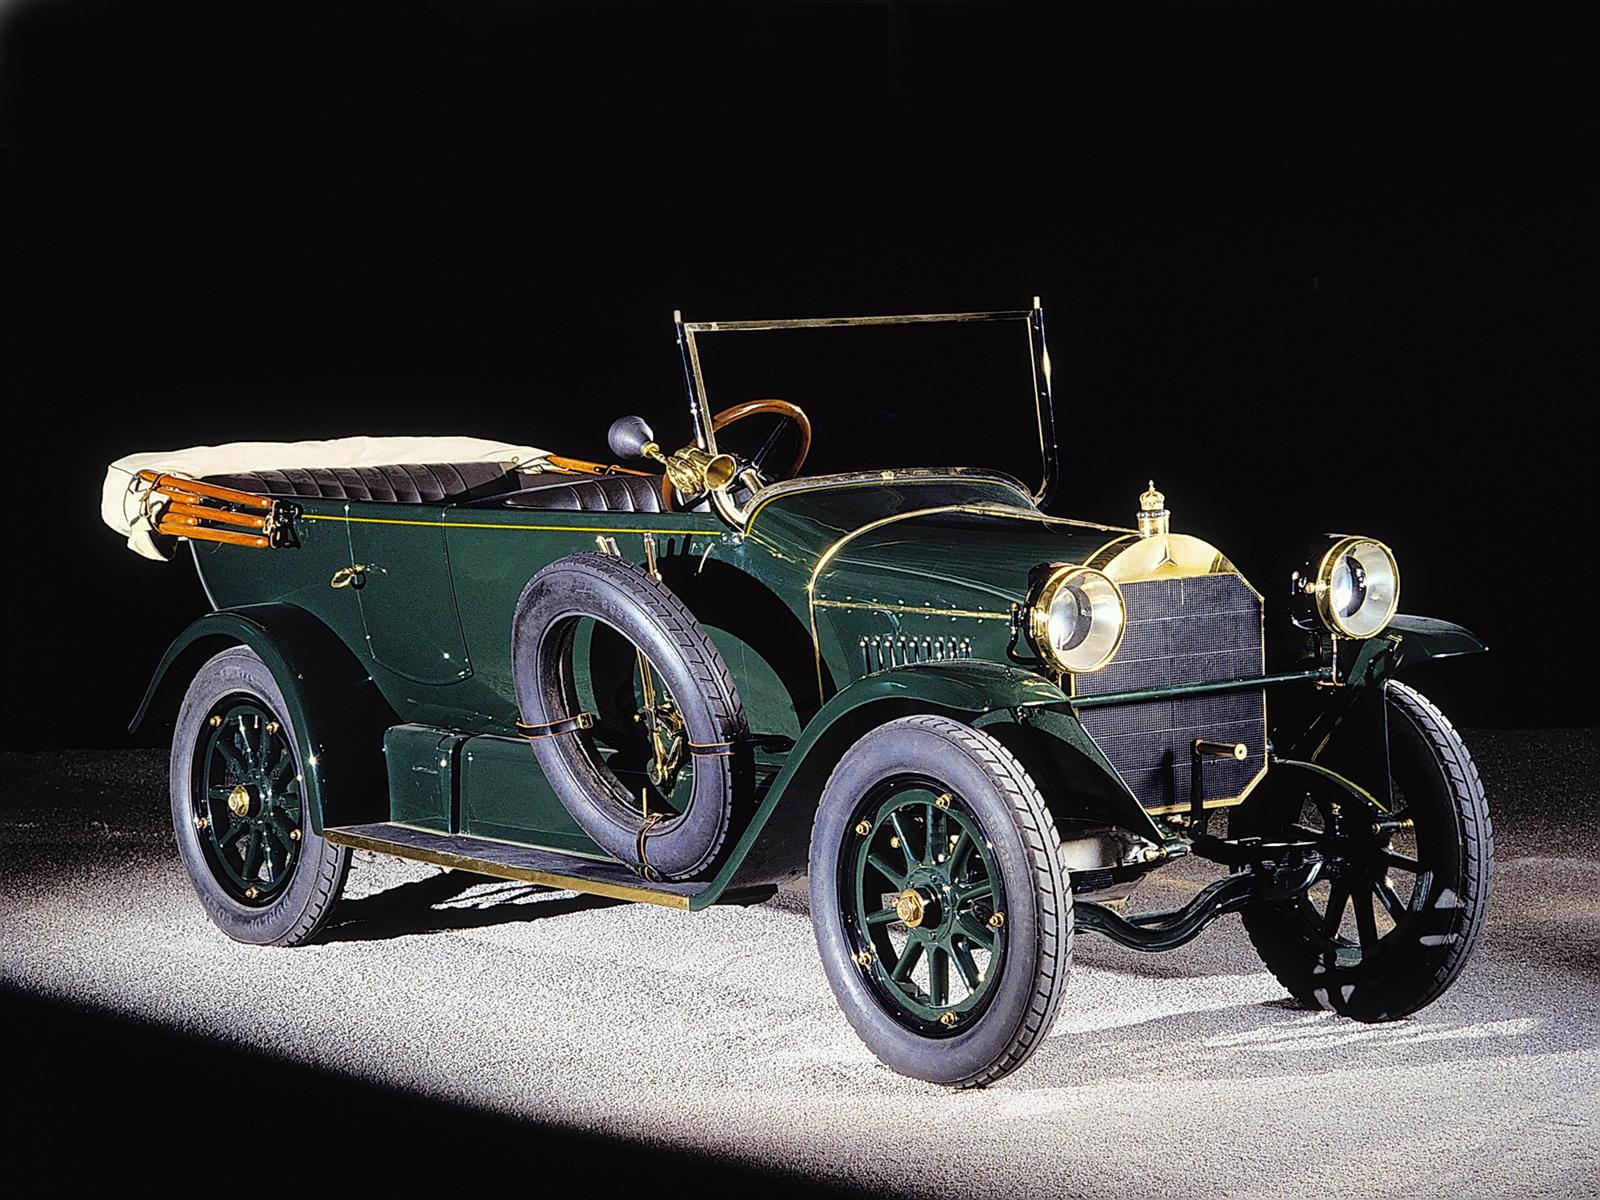 les plus belles photos des tacots Mercedes-Benz - ancêtres oldtimers... juste pour rêver et pour le plaisir des yeux 167802mbtacot0004